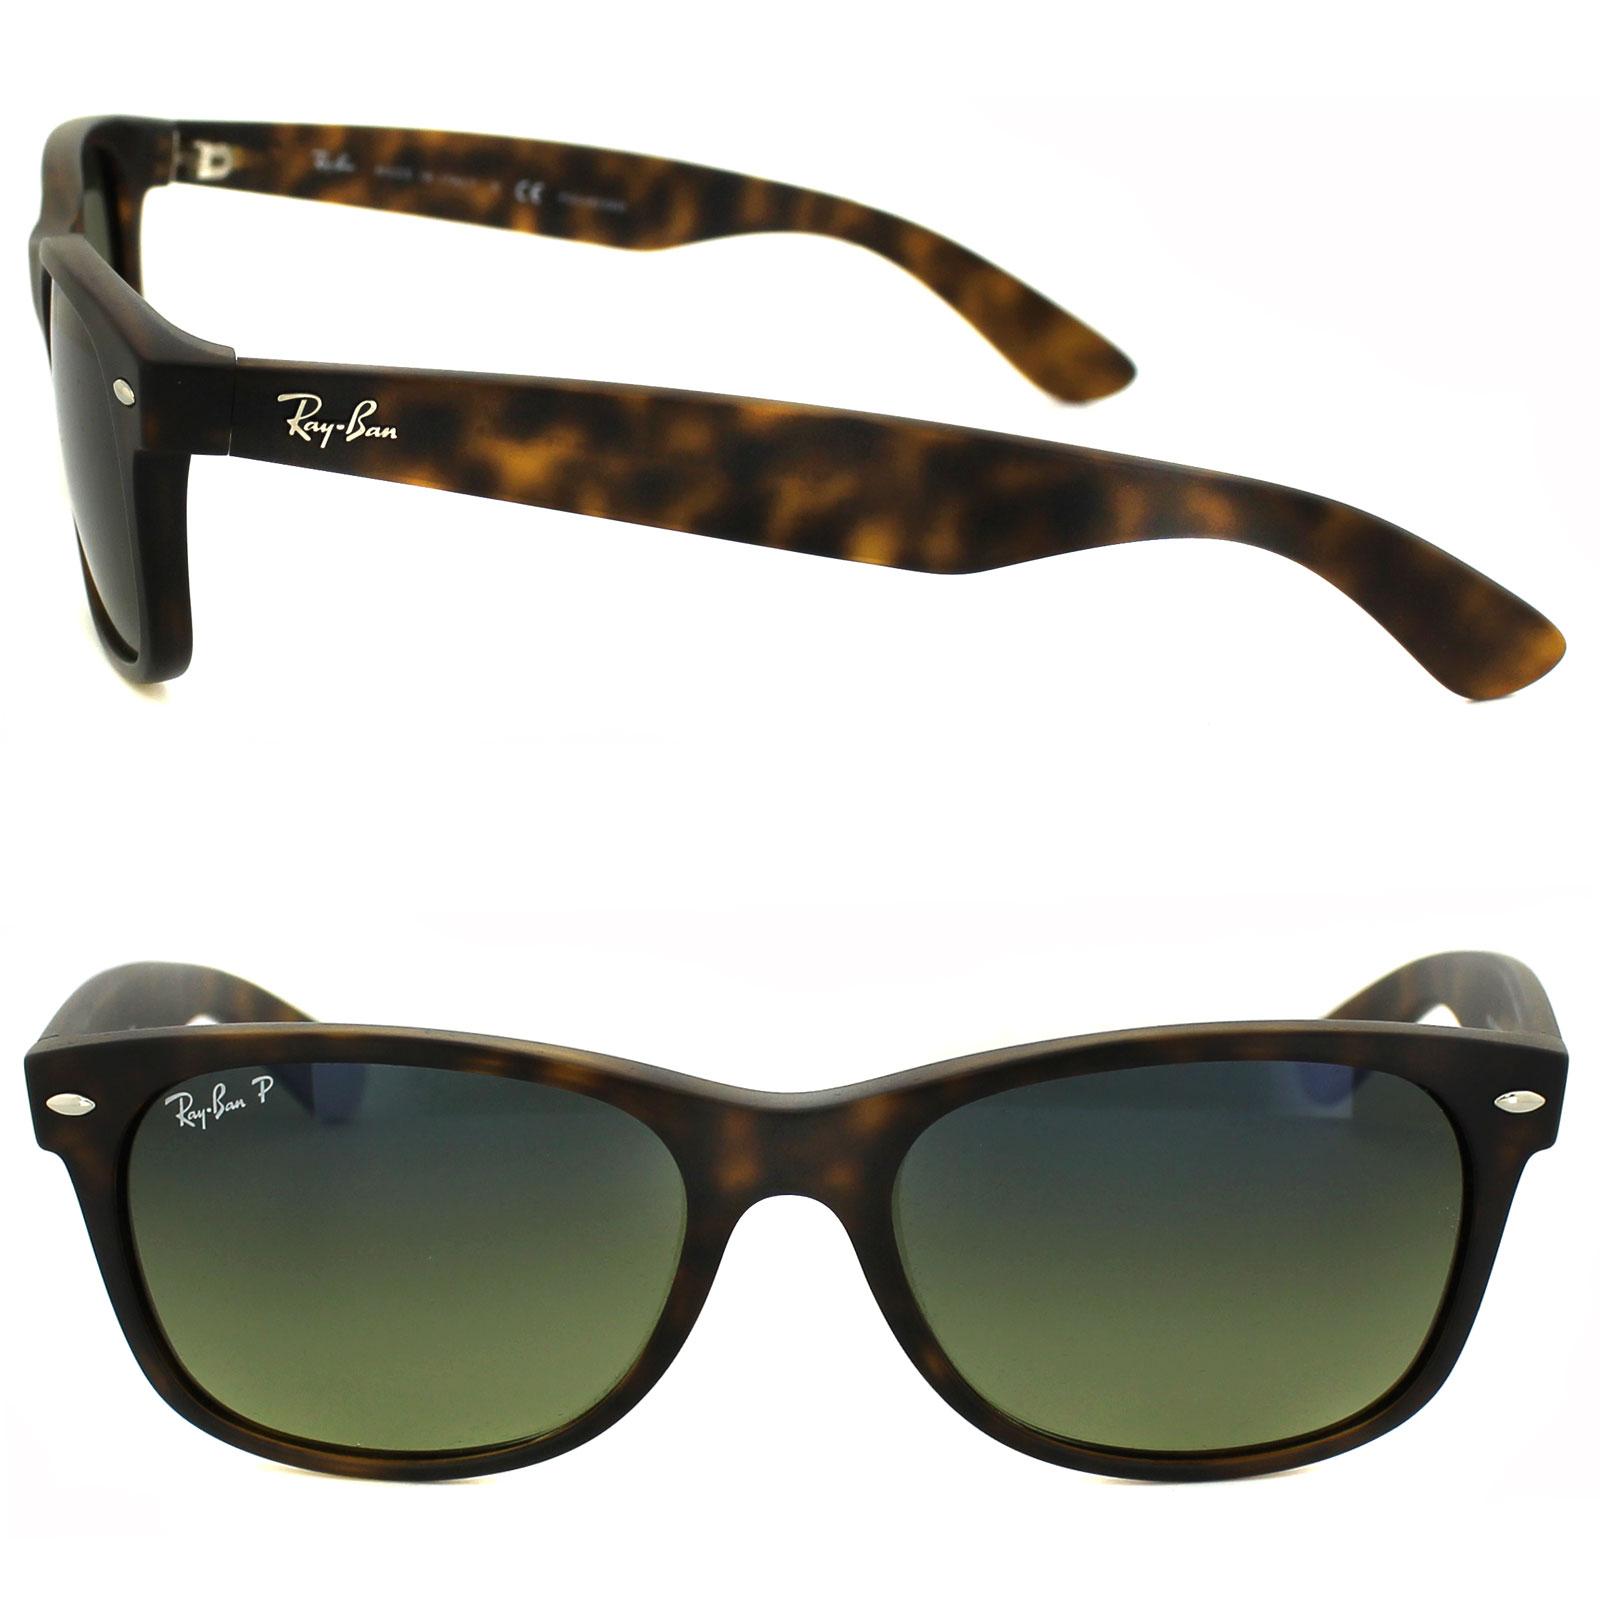 Ray ban occhiali da sole nuovi wayfarer 2132 894 76 havana - Ray ban a specchio blu ...